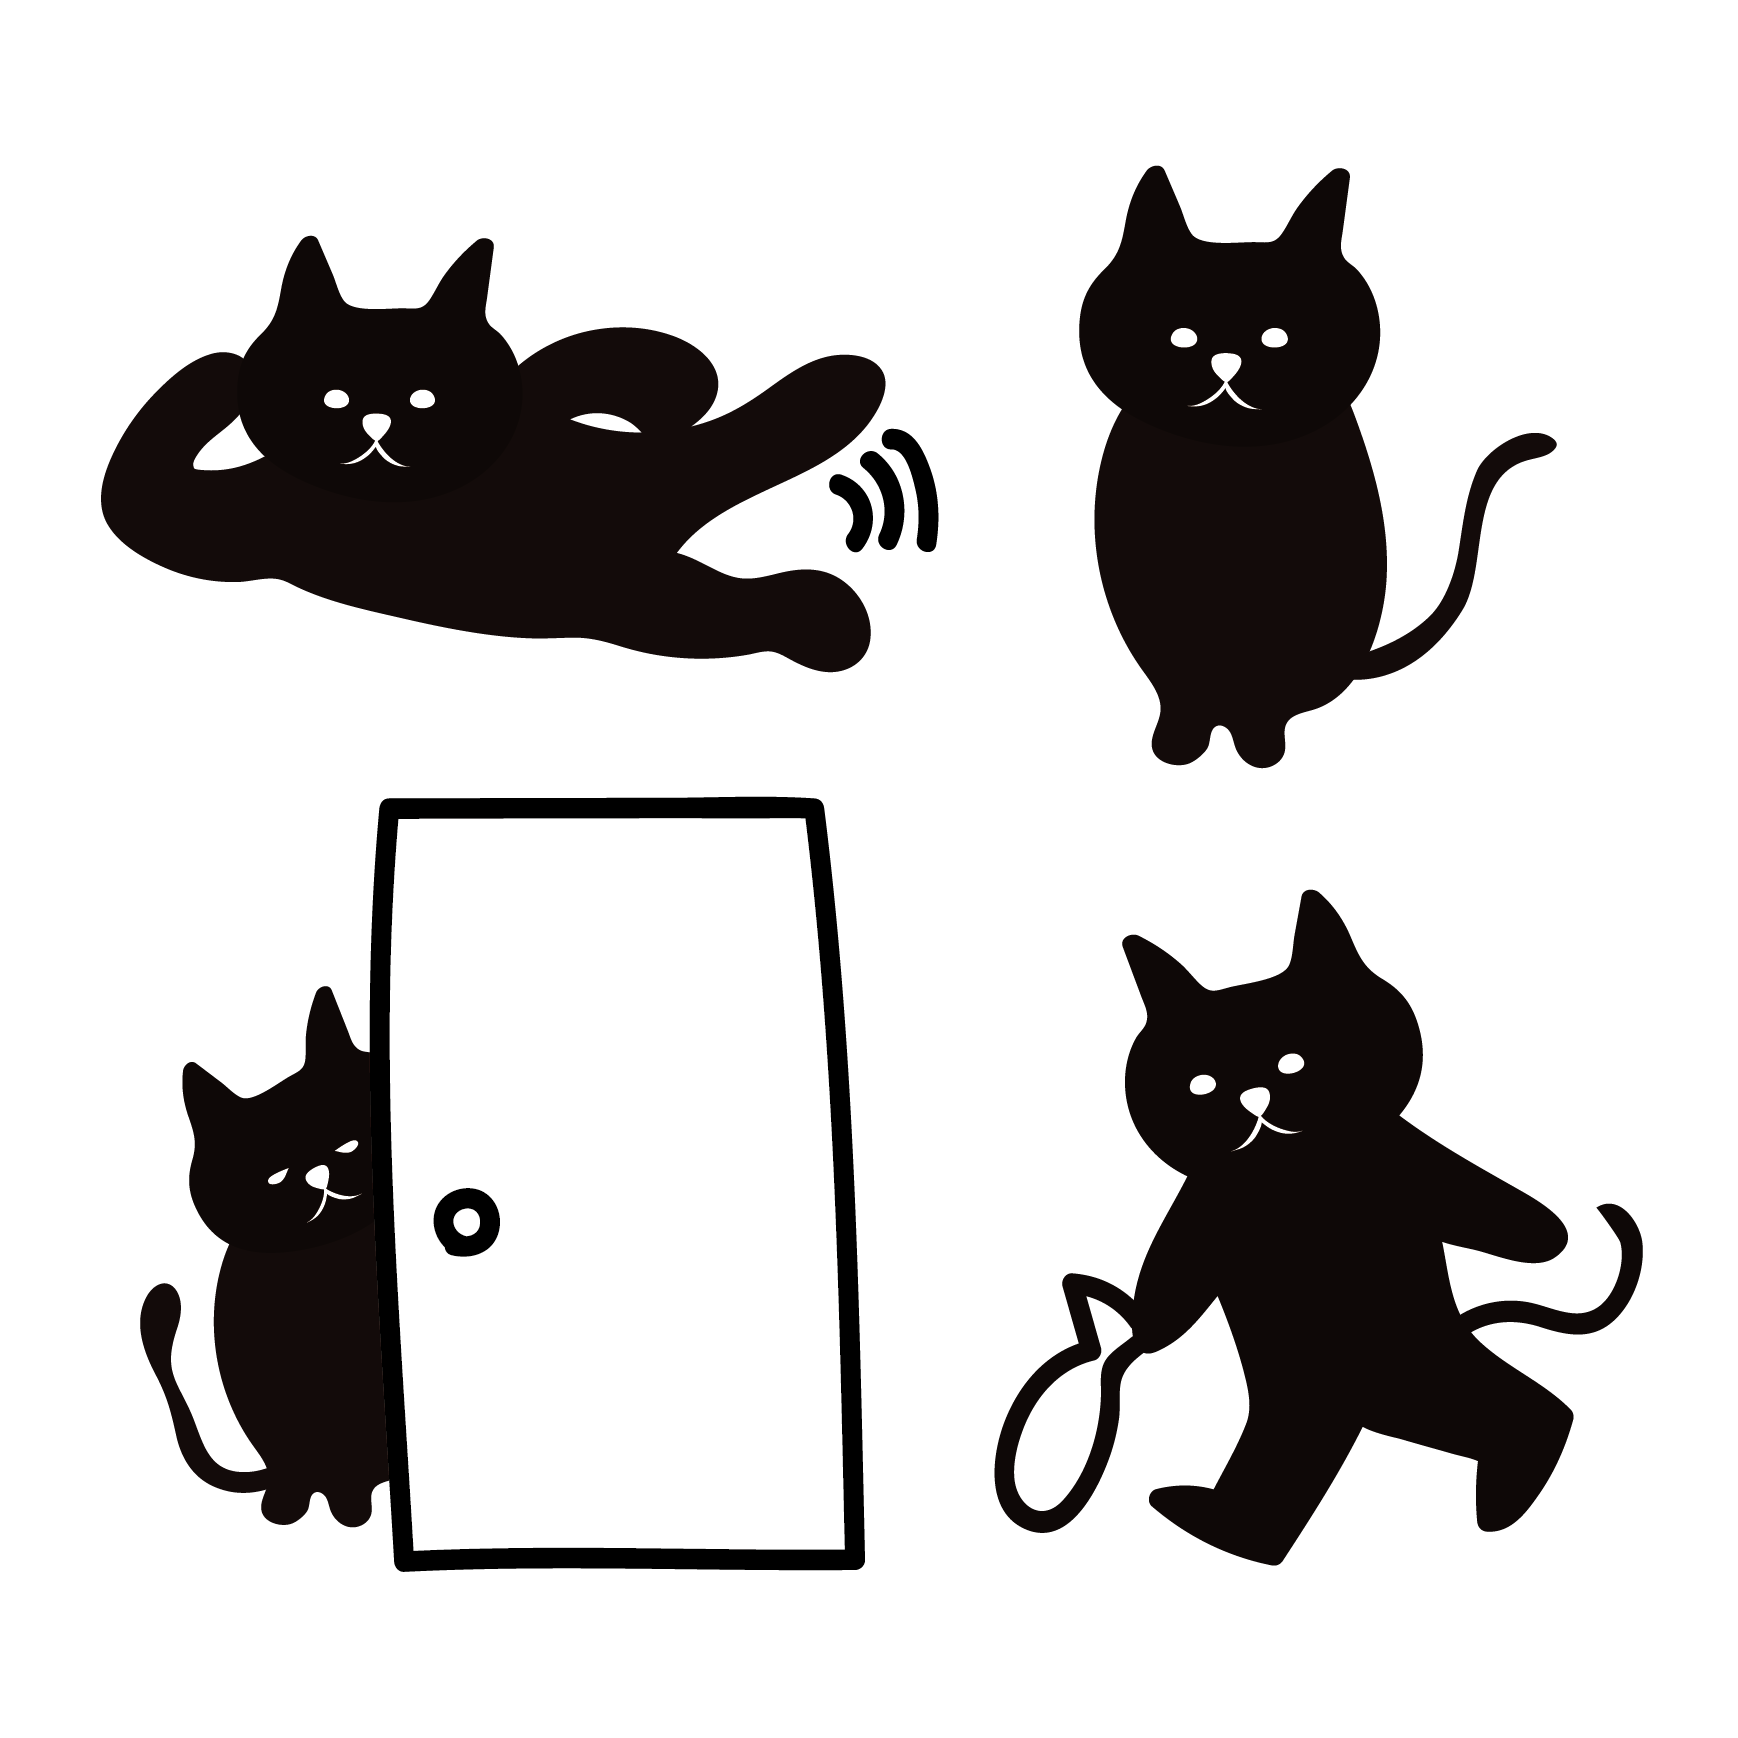 黒猫(くろねこ・ブラックキャット)の4つの日常 かわいい イラスト